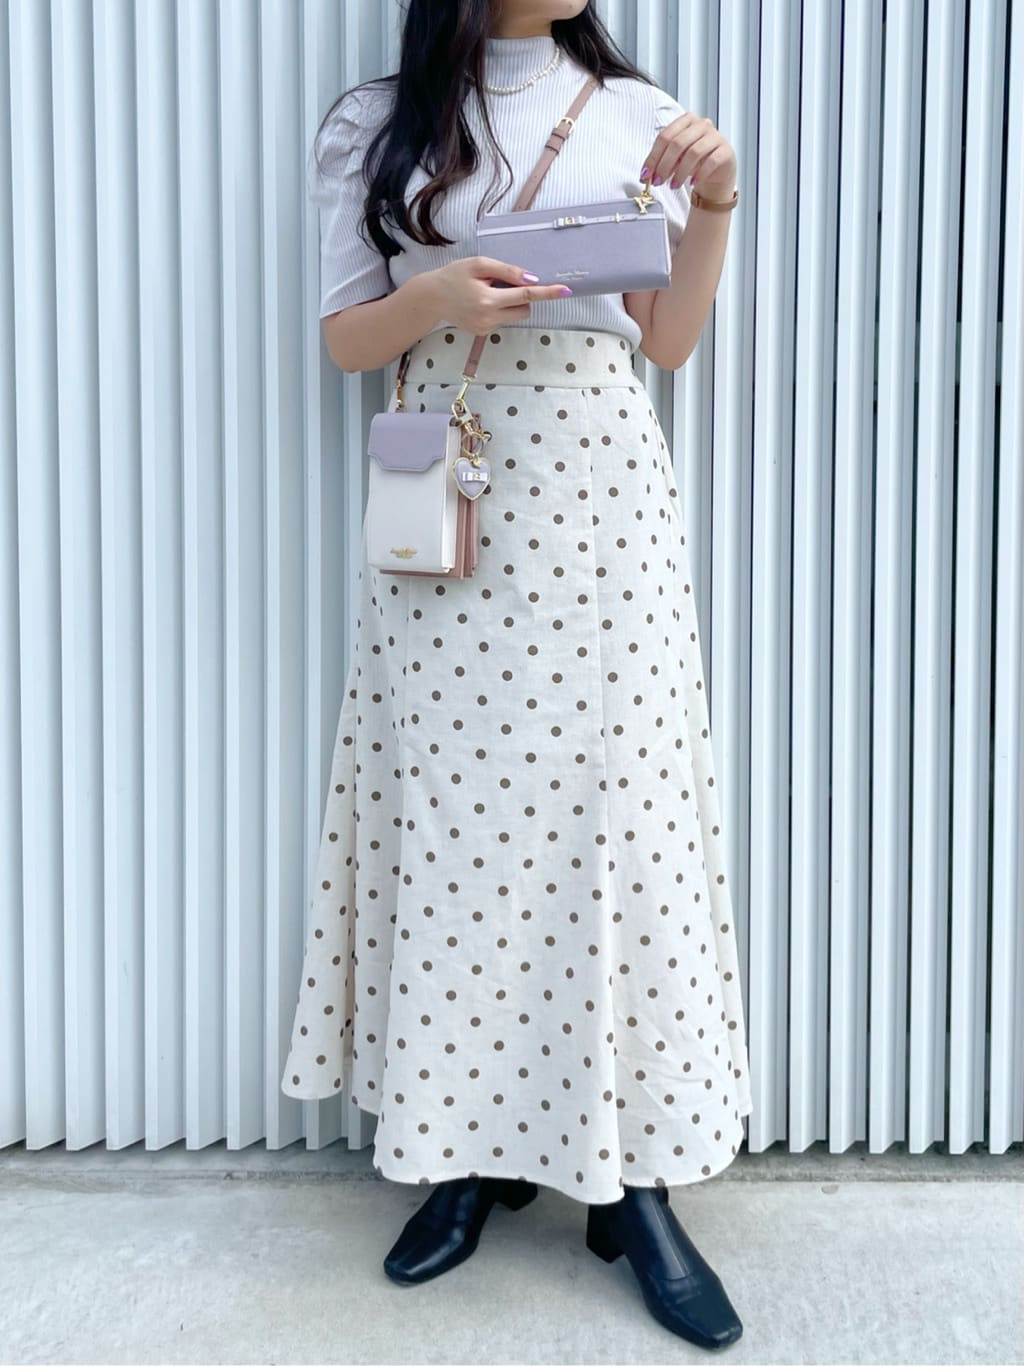 サマンサタバサプチチョイスプラス 渋谷ヒカリエShinQs店 Emi♡